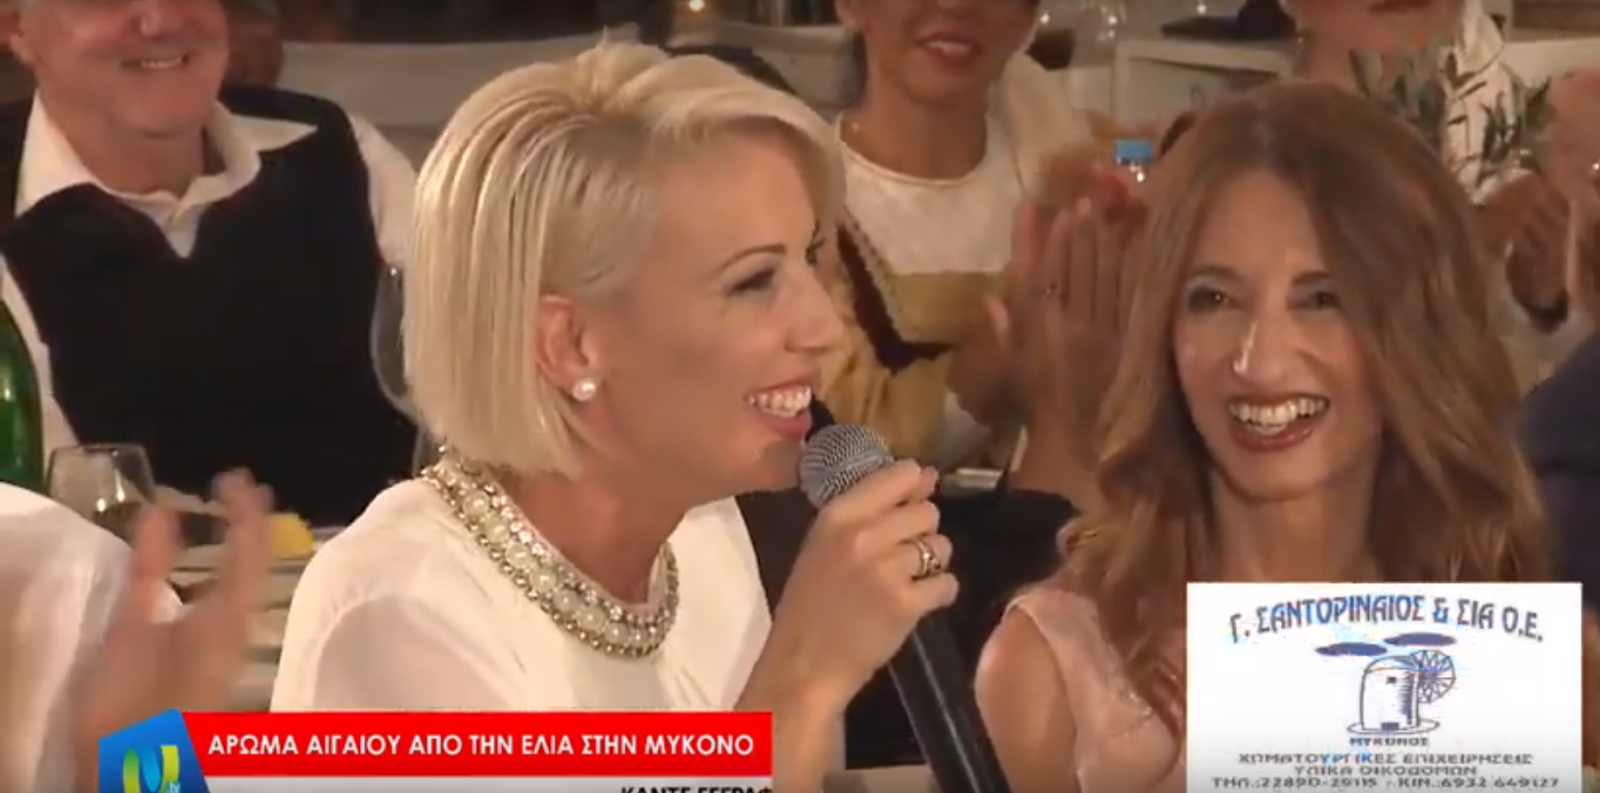 (vid) Η Κατερίνα Μονογιυού  στην εκπομπή «Άρωμα Αιγαίου»